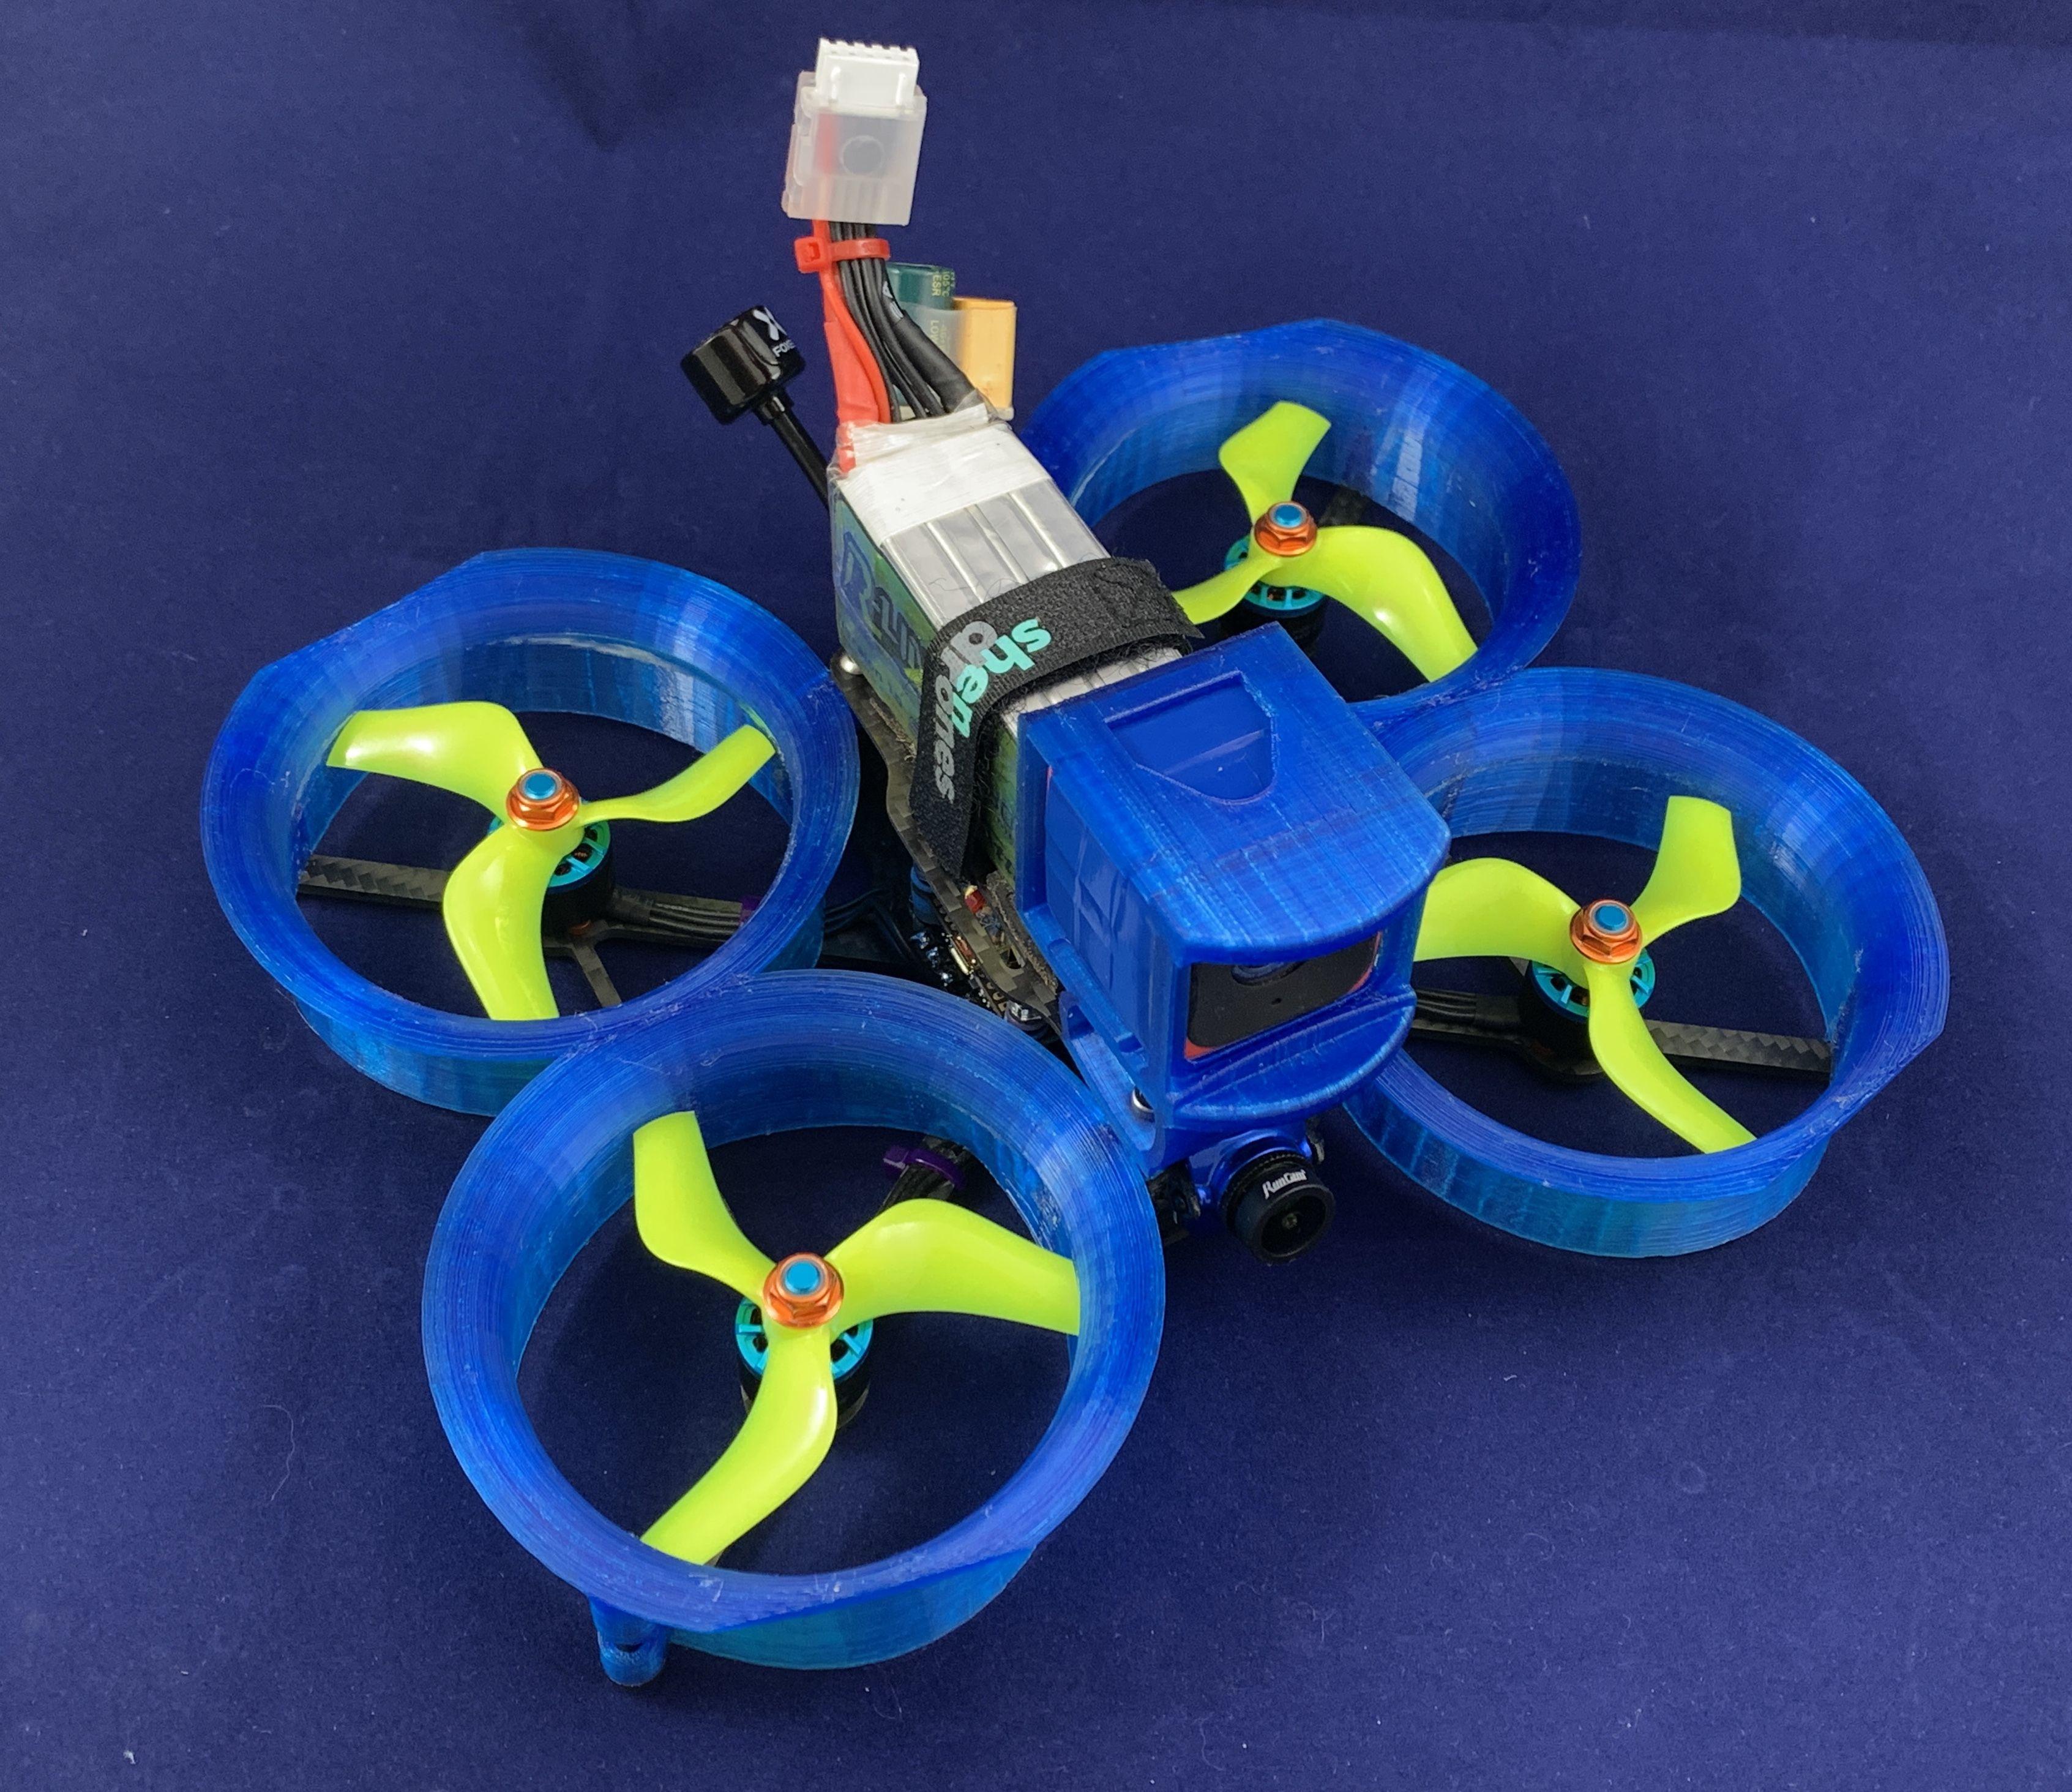 shendrones Squirt V2 GOPRO Session Mount Fpv Drone Tpu Runcam Case Qav Hero 3d